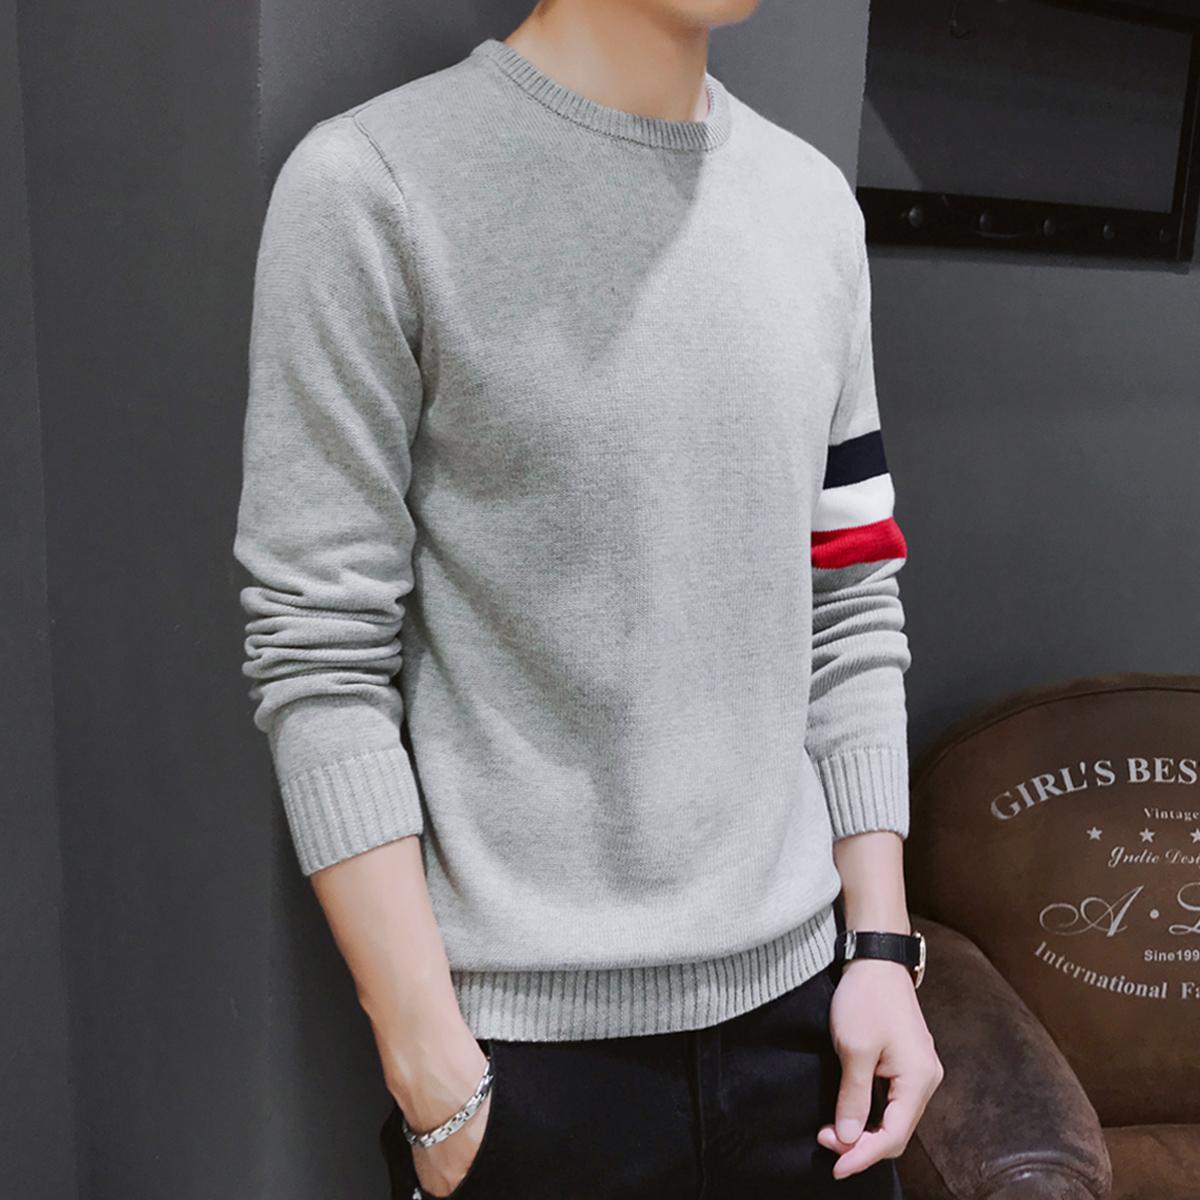 2件】冬季毛衣男士加绒加厚韩版针织打底衫2018新款圆领保暖线衣